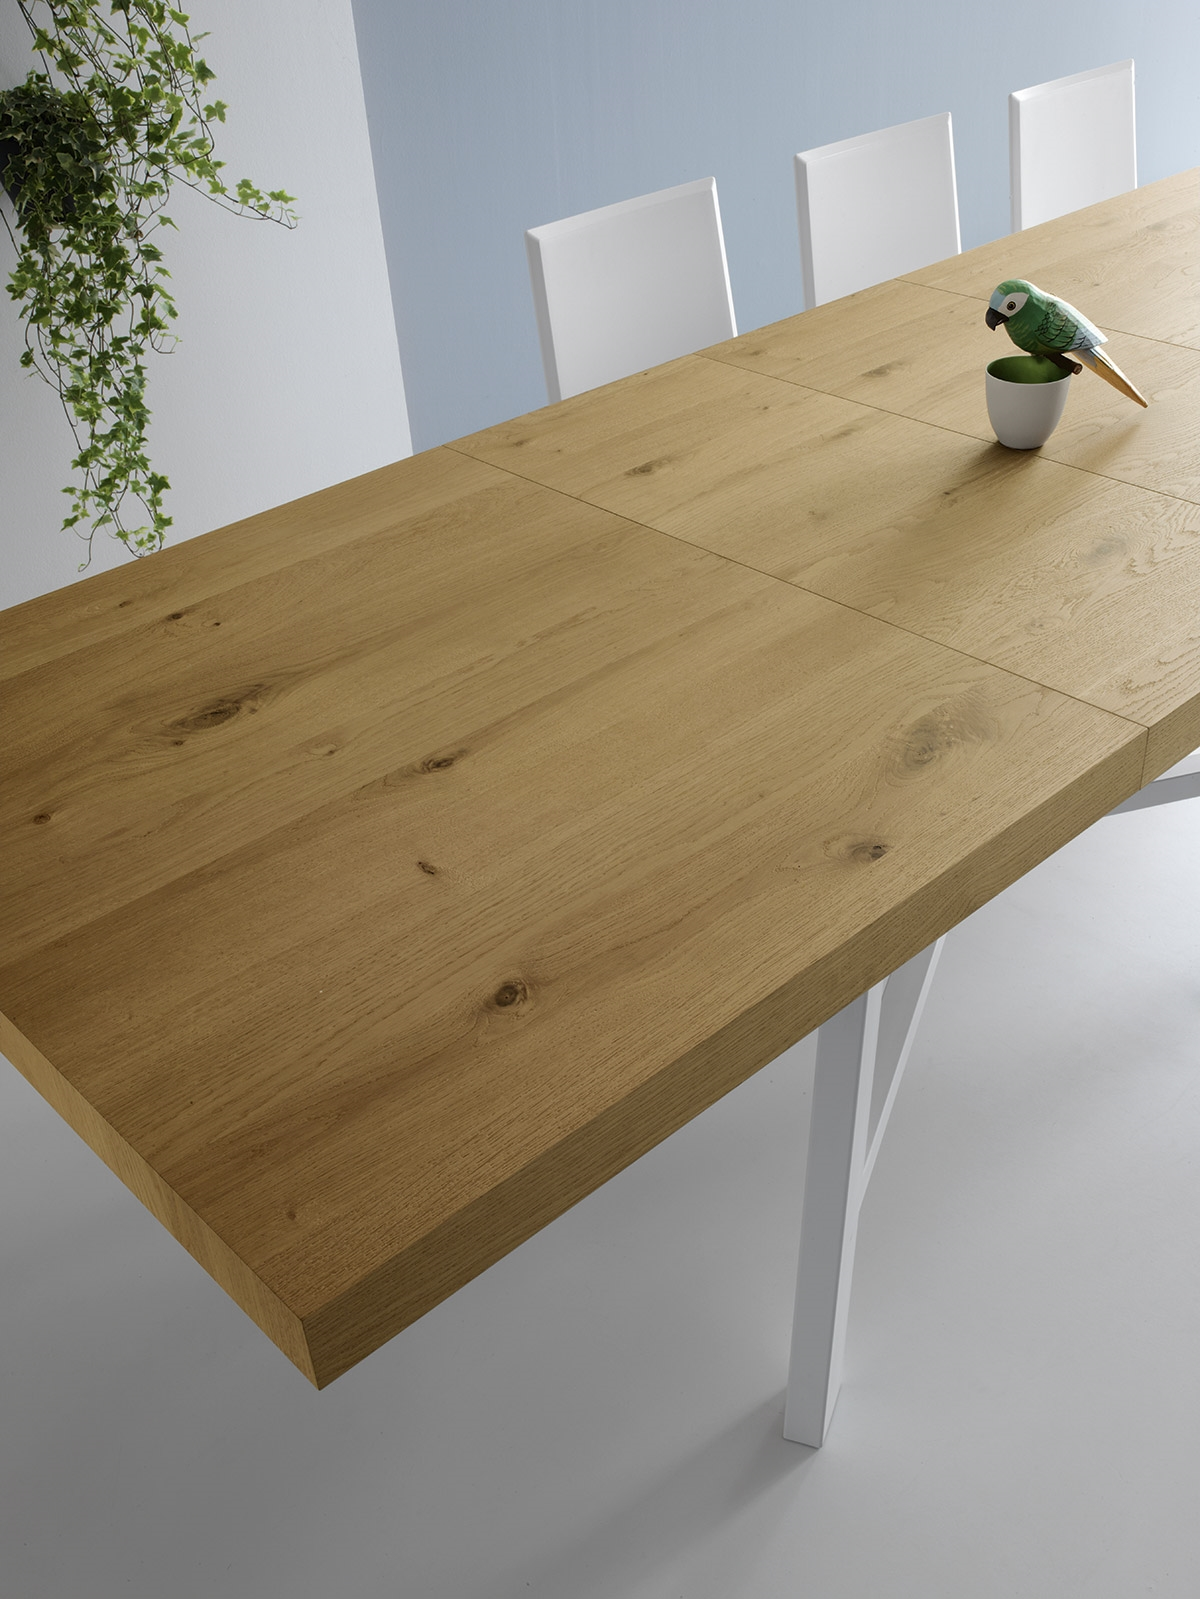 Tavolo point house tavolo in legno rettangolari - Tavoli rettangolari allungabili in legno ...